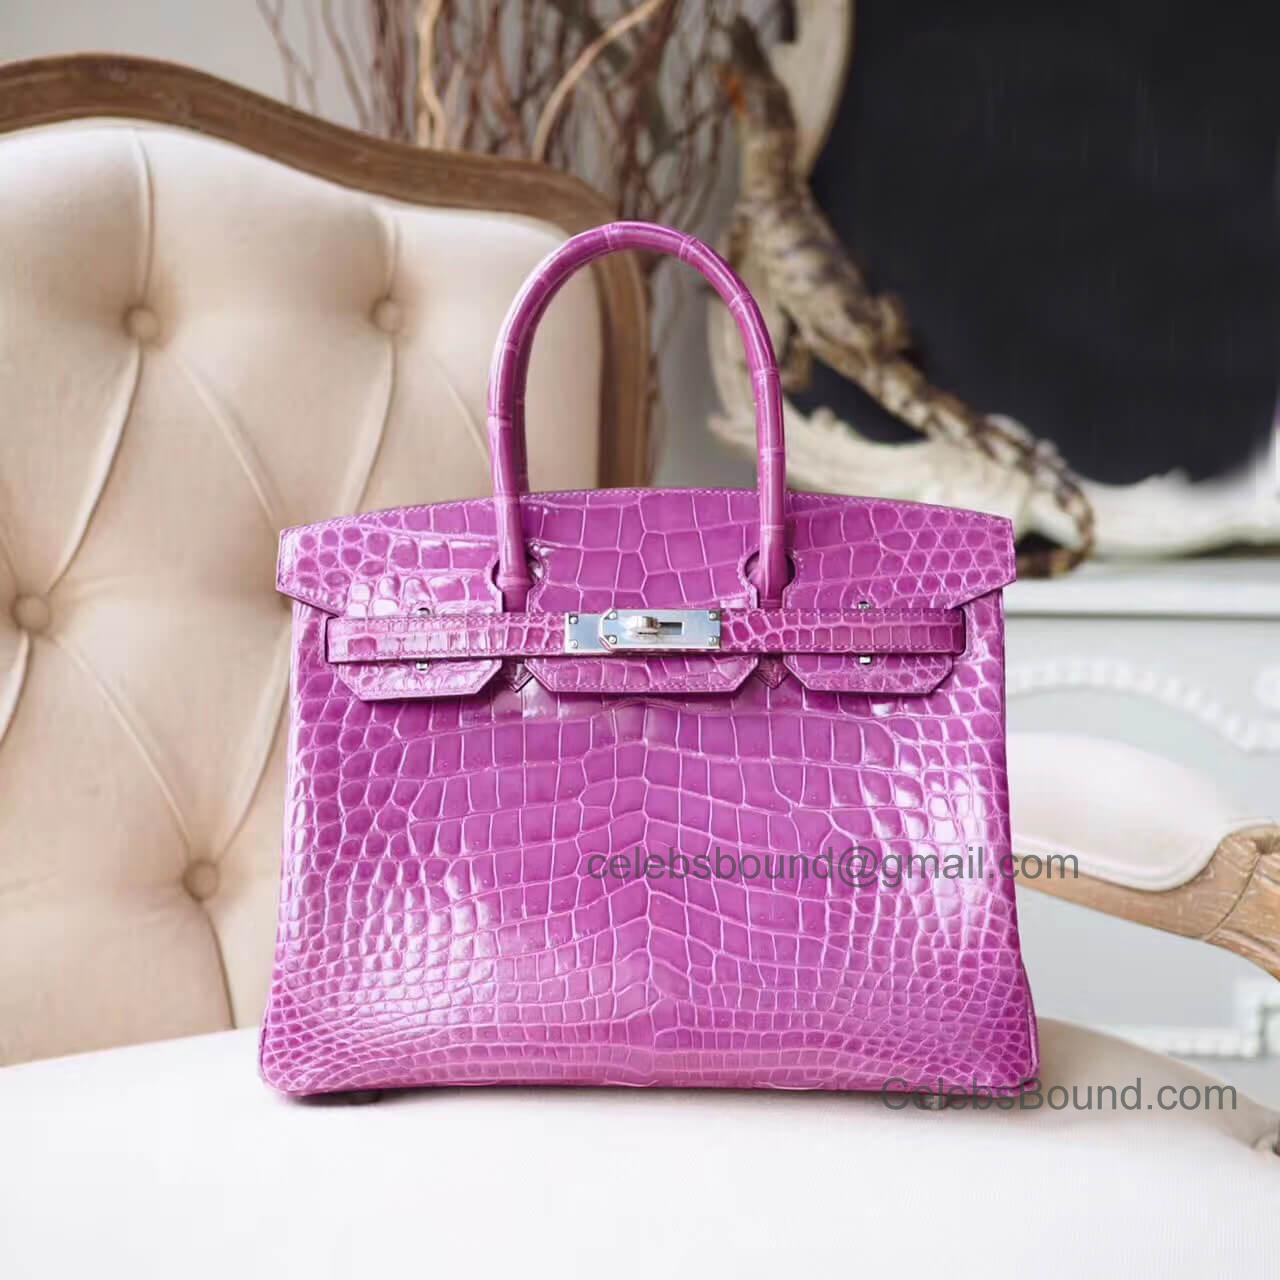 fdd99736f9c3 Copy Hermes Birkin 30 Bag in Violet Shiny Porosus Croc PHW